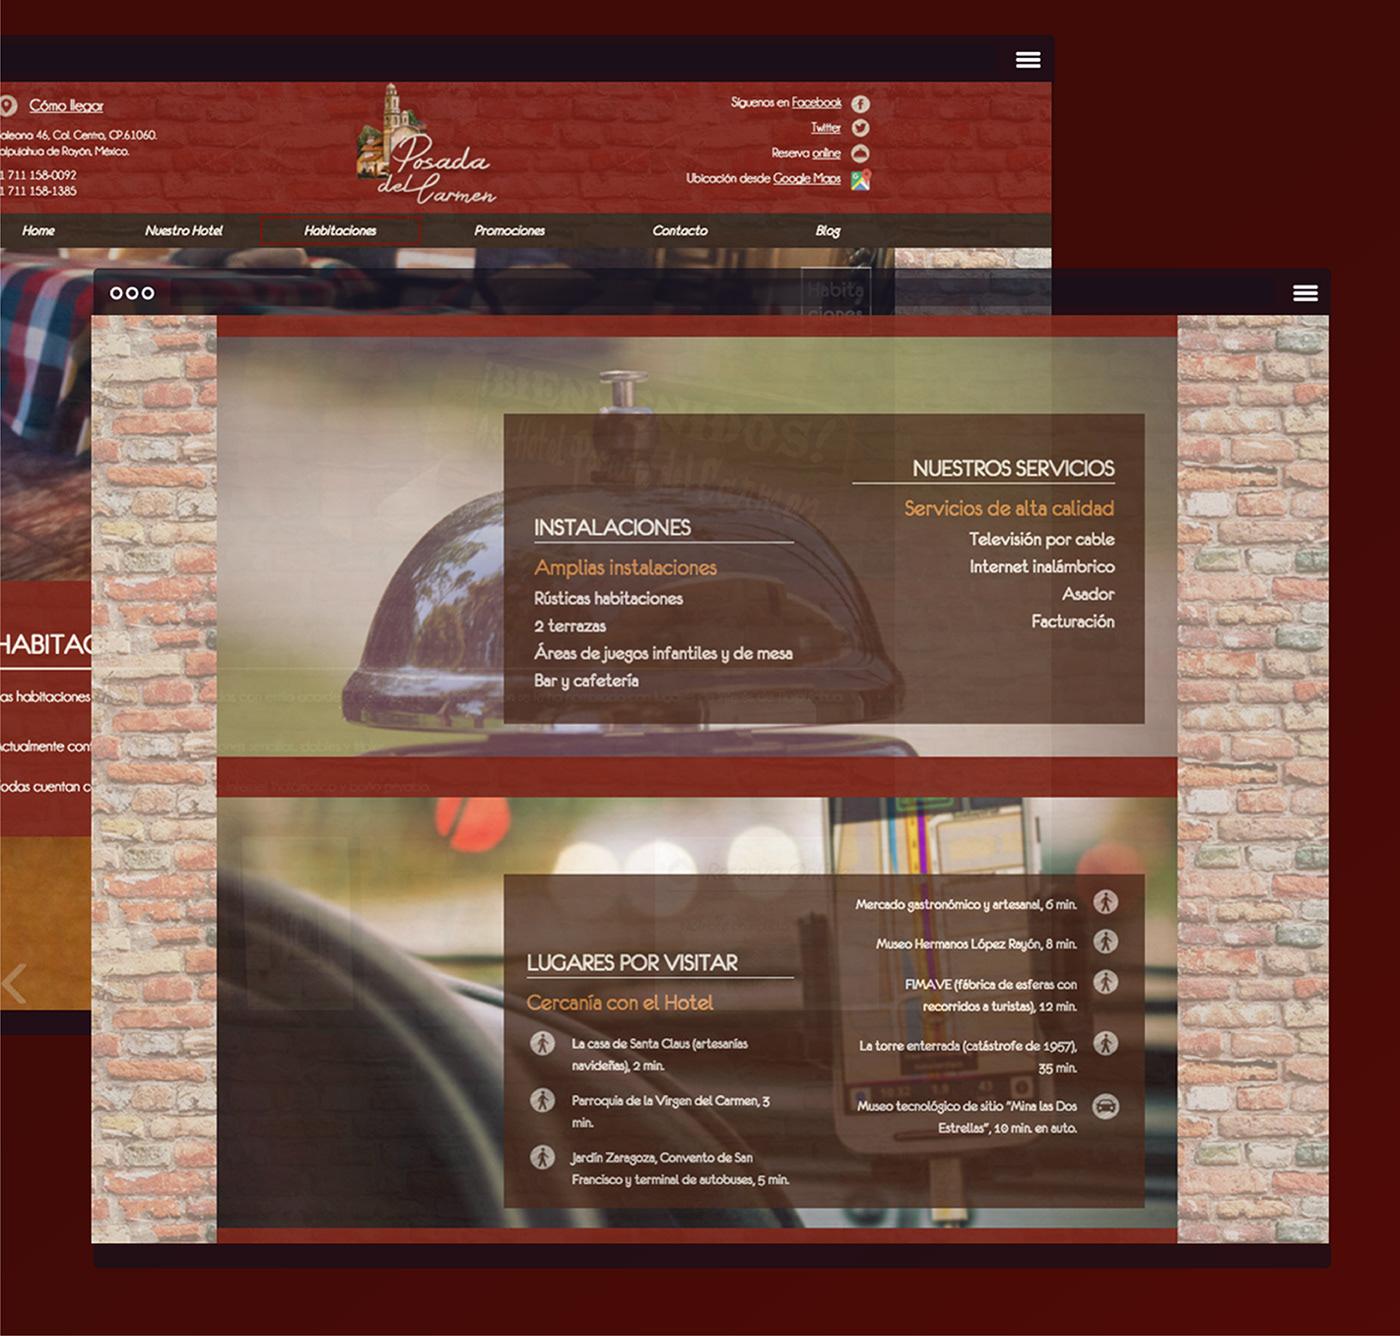 Image may contain: screenshot and menu